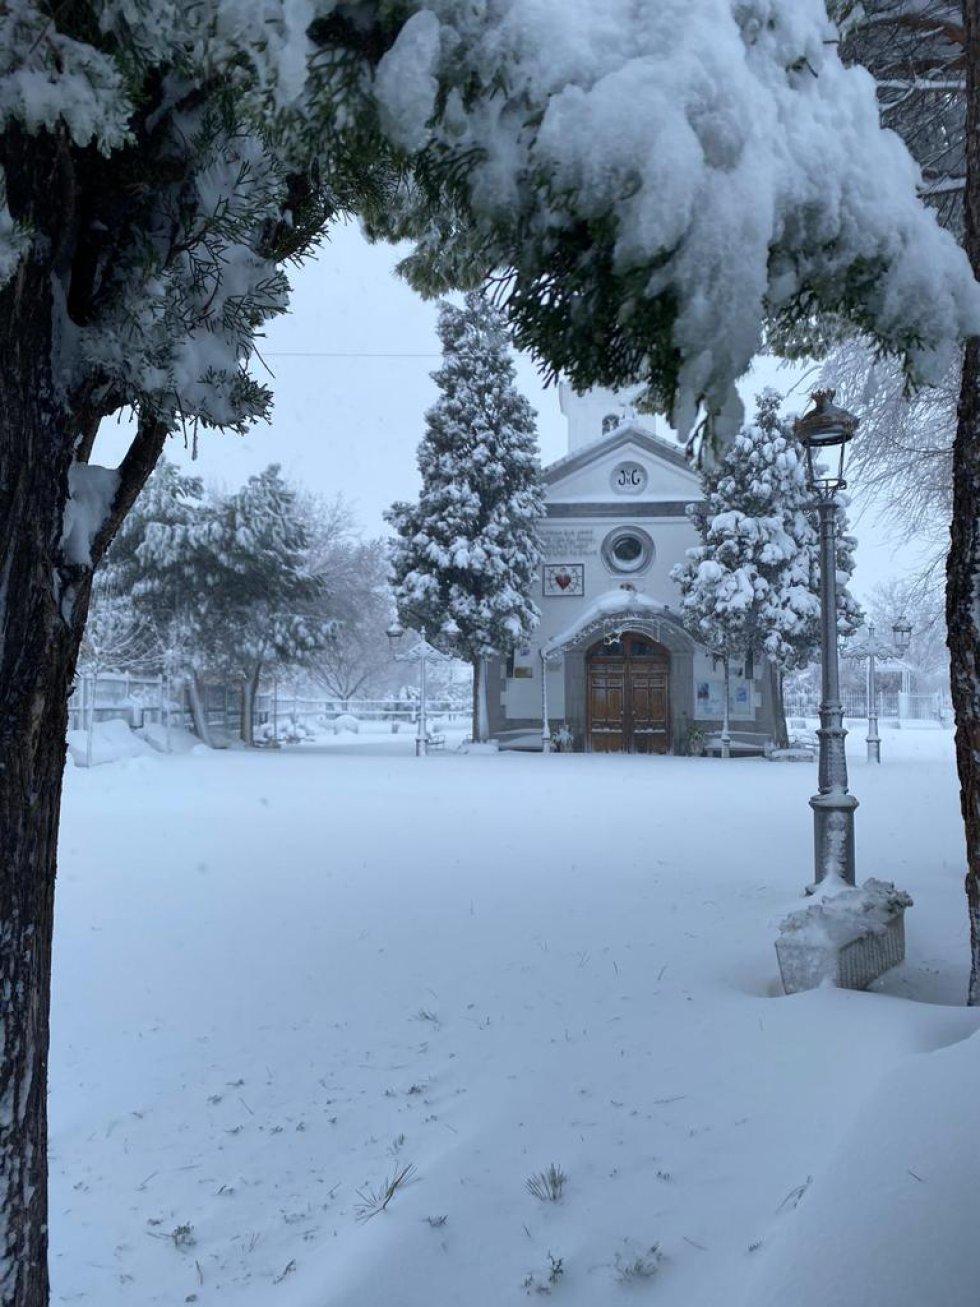 La ermita de N.S. de La Soledad en Parla presentaba esta espectacular imagen.